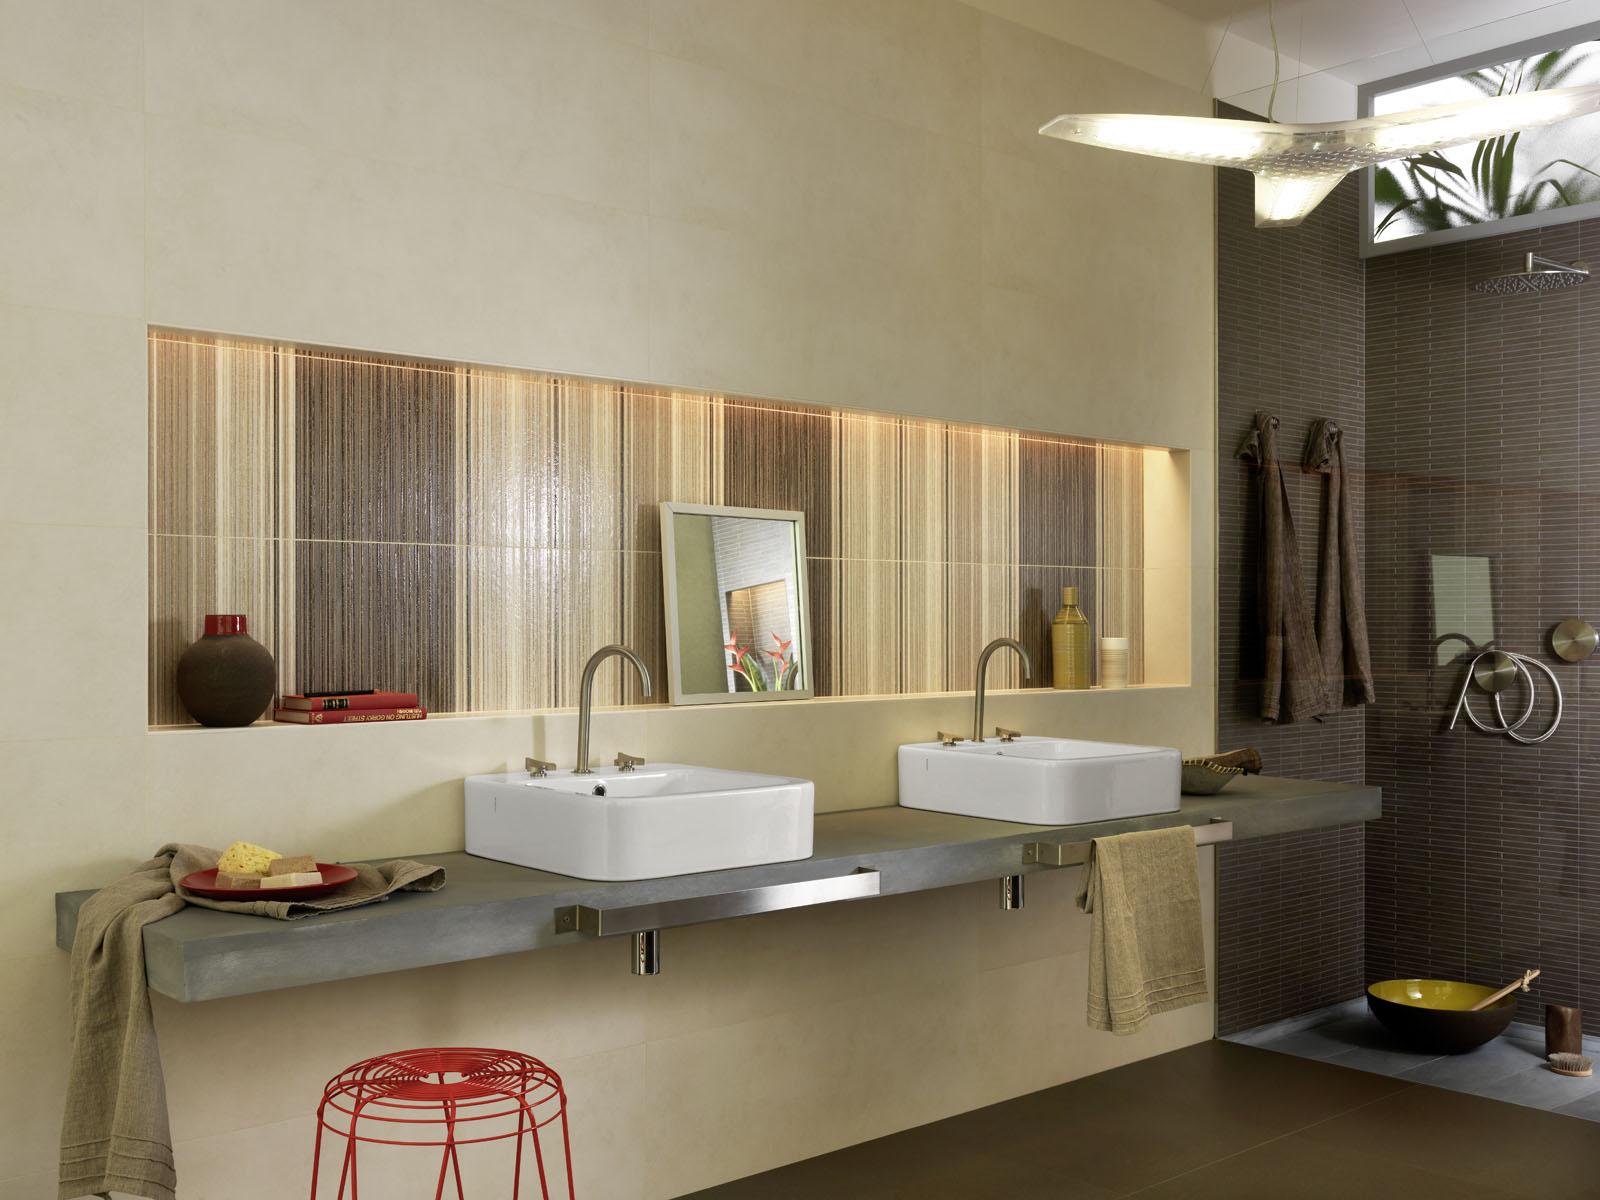 Oficina7 piastrelle rivestimento bagno marazzi - Marazzi mattonelle bagno ...